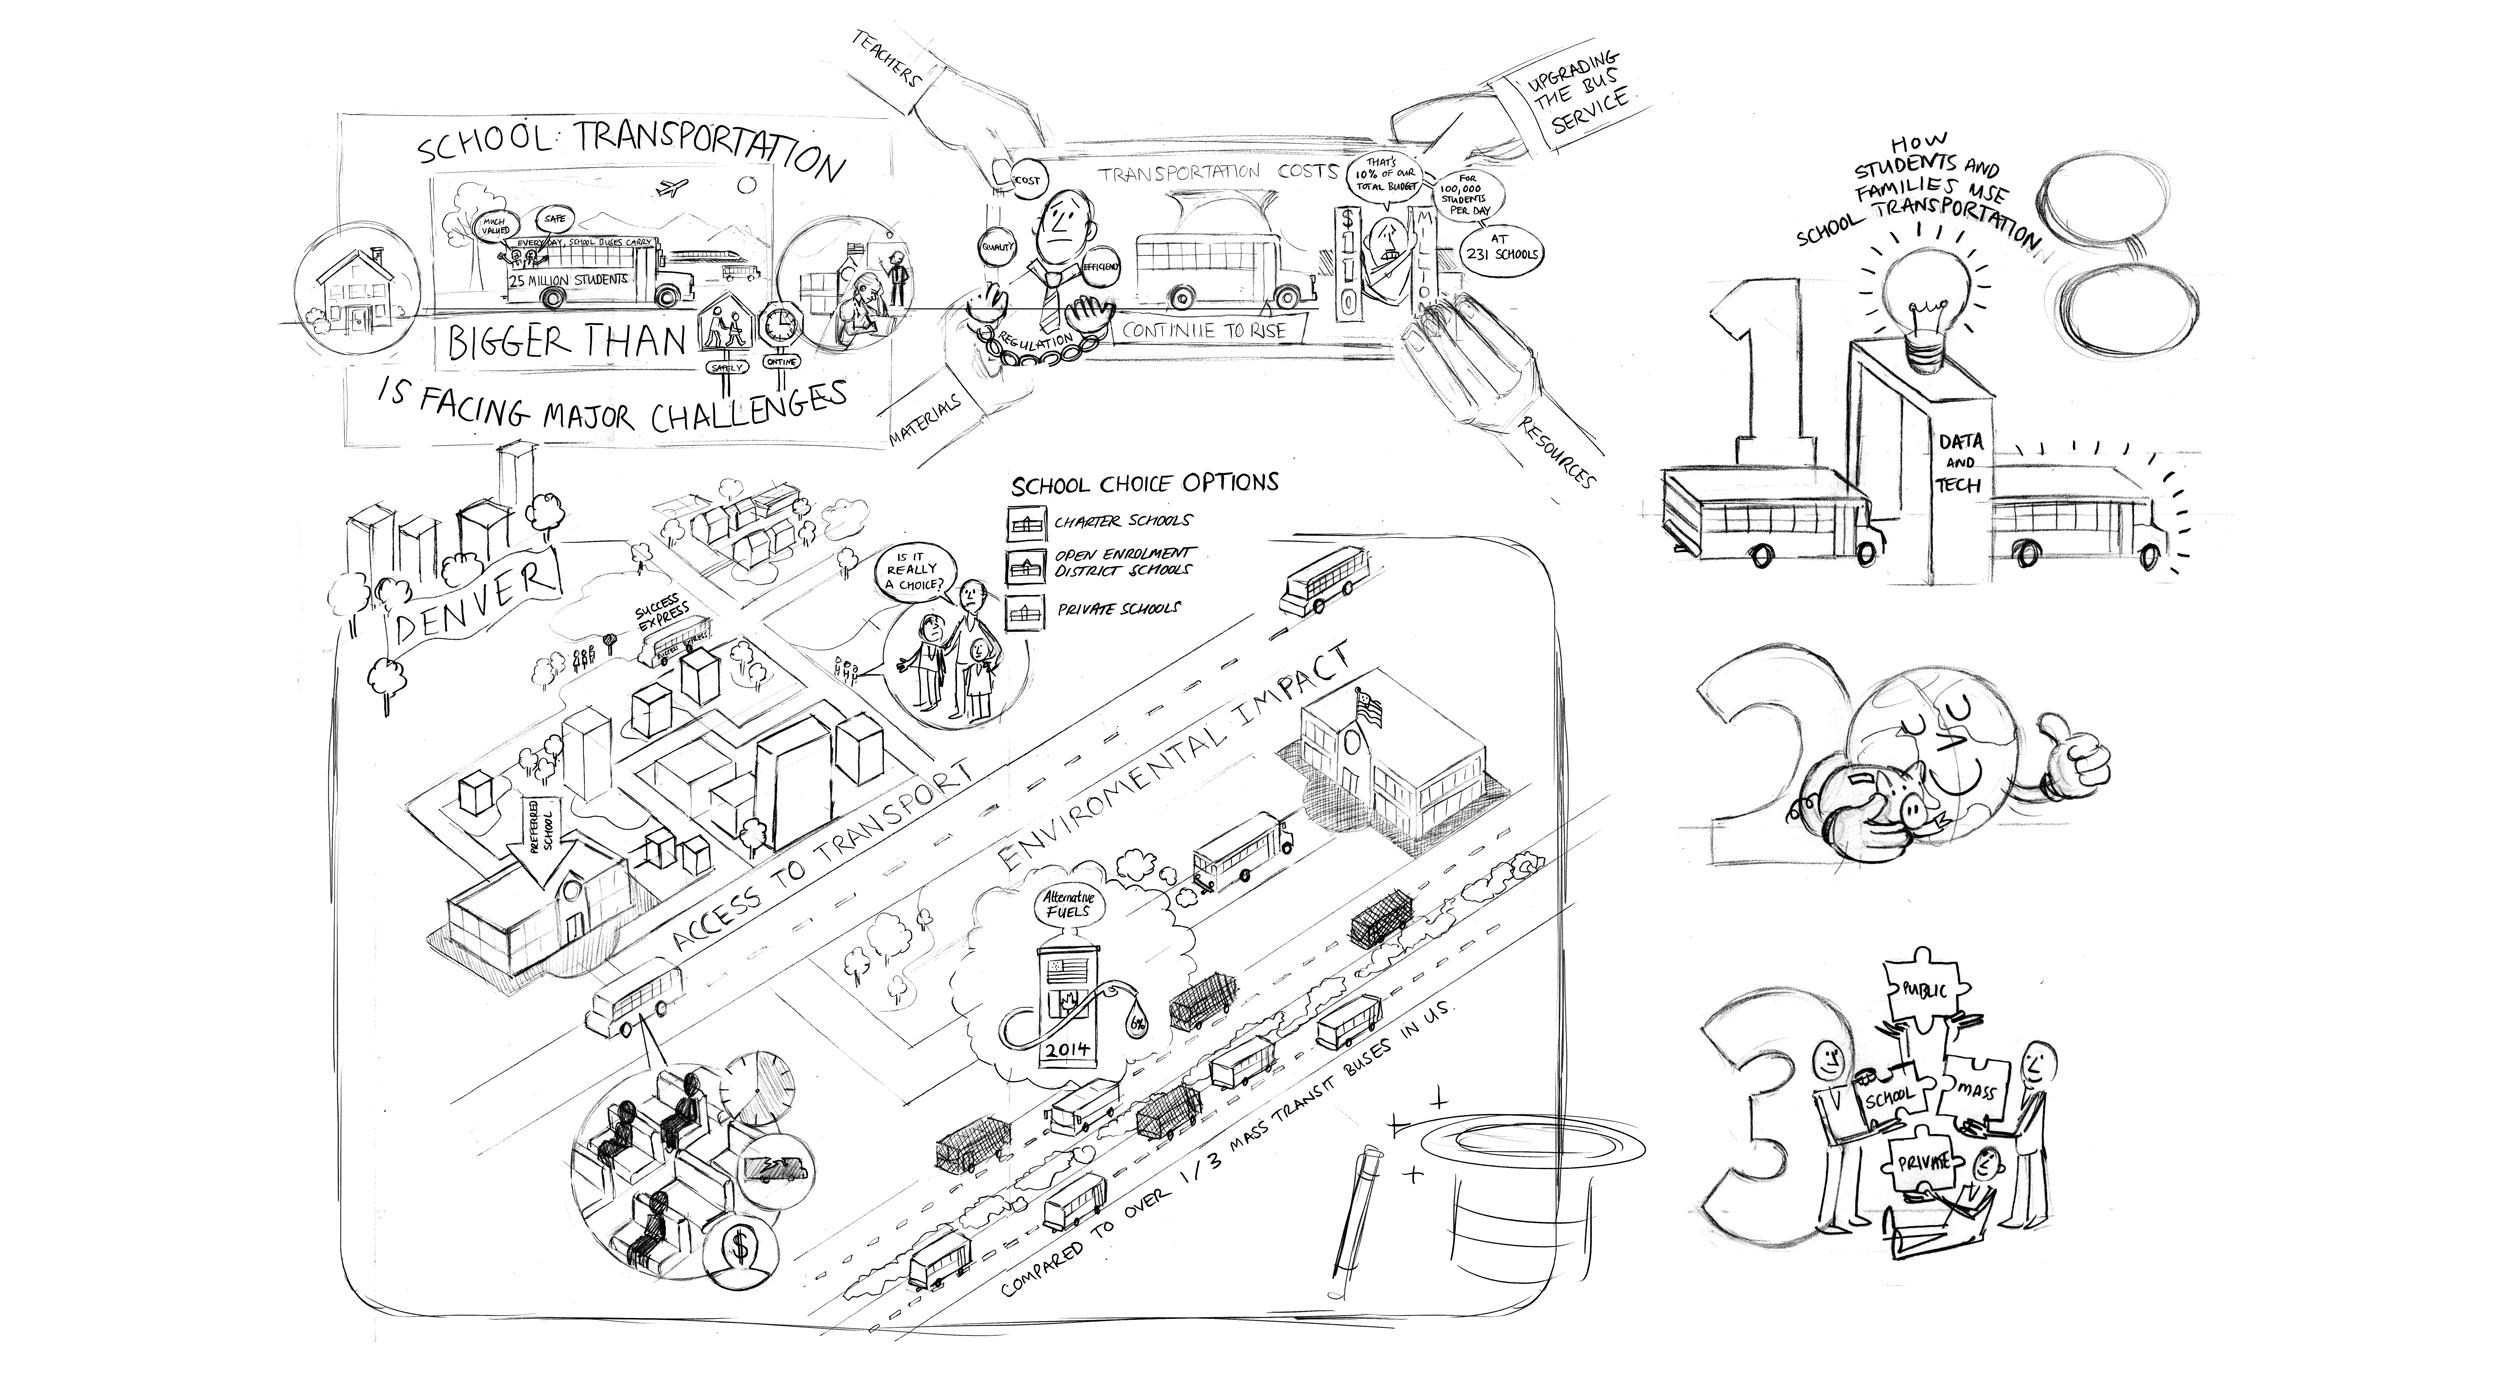 BELLWETHER-SCHOOL-TRANSPORTATION-COGNITIVE-03.png